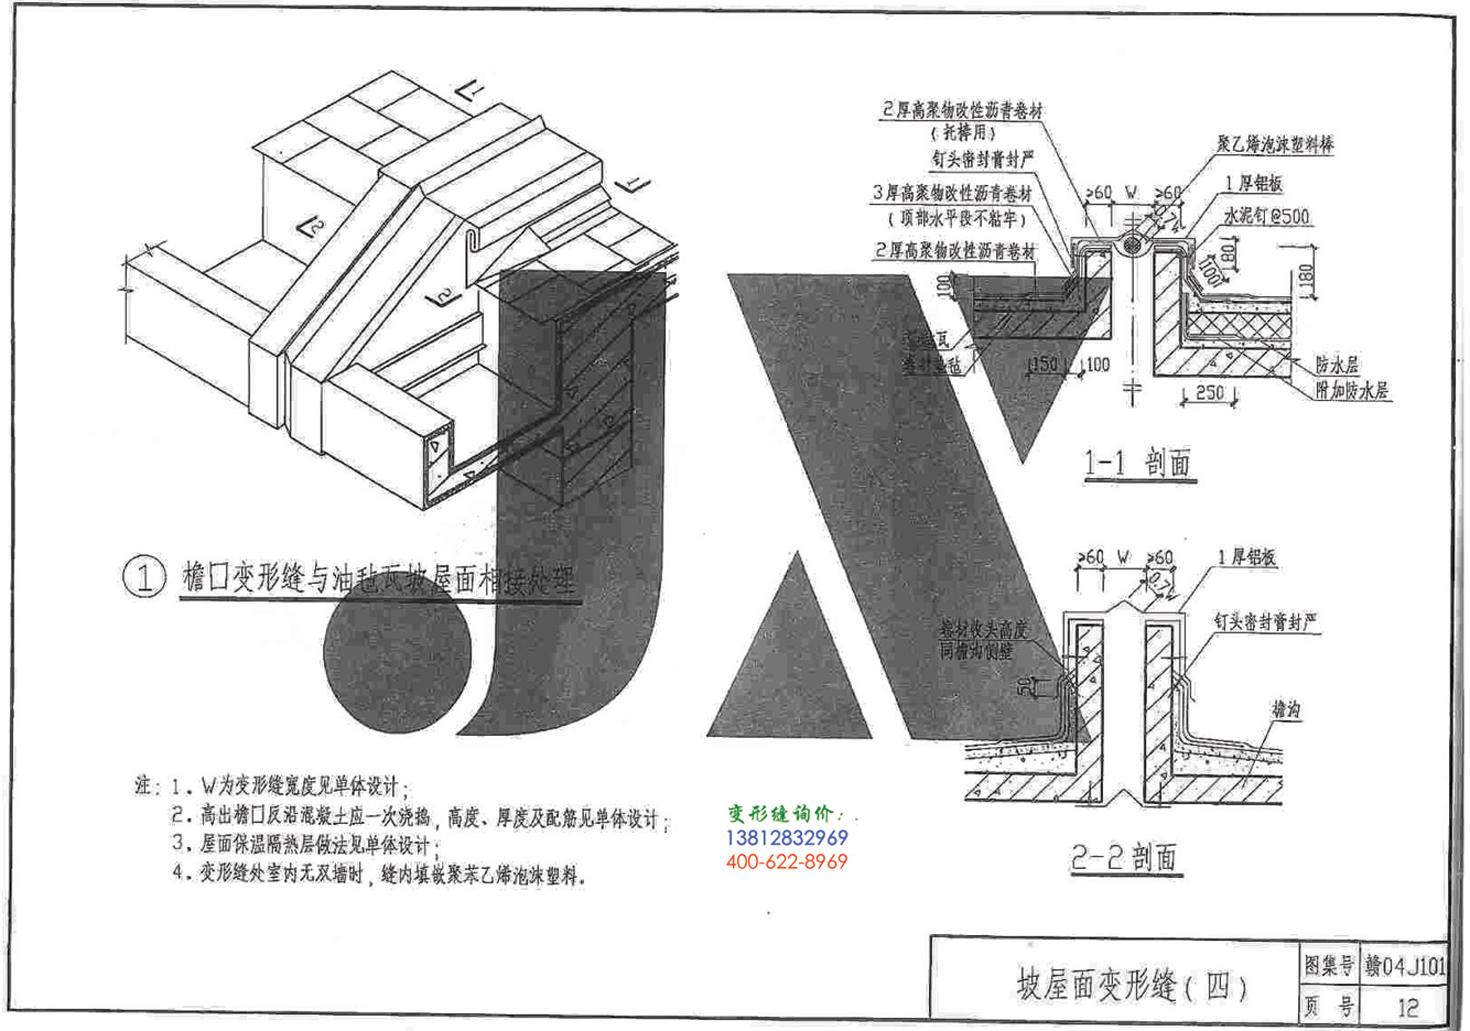 赣04J101变形缝图集p12